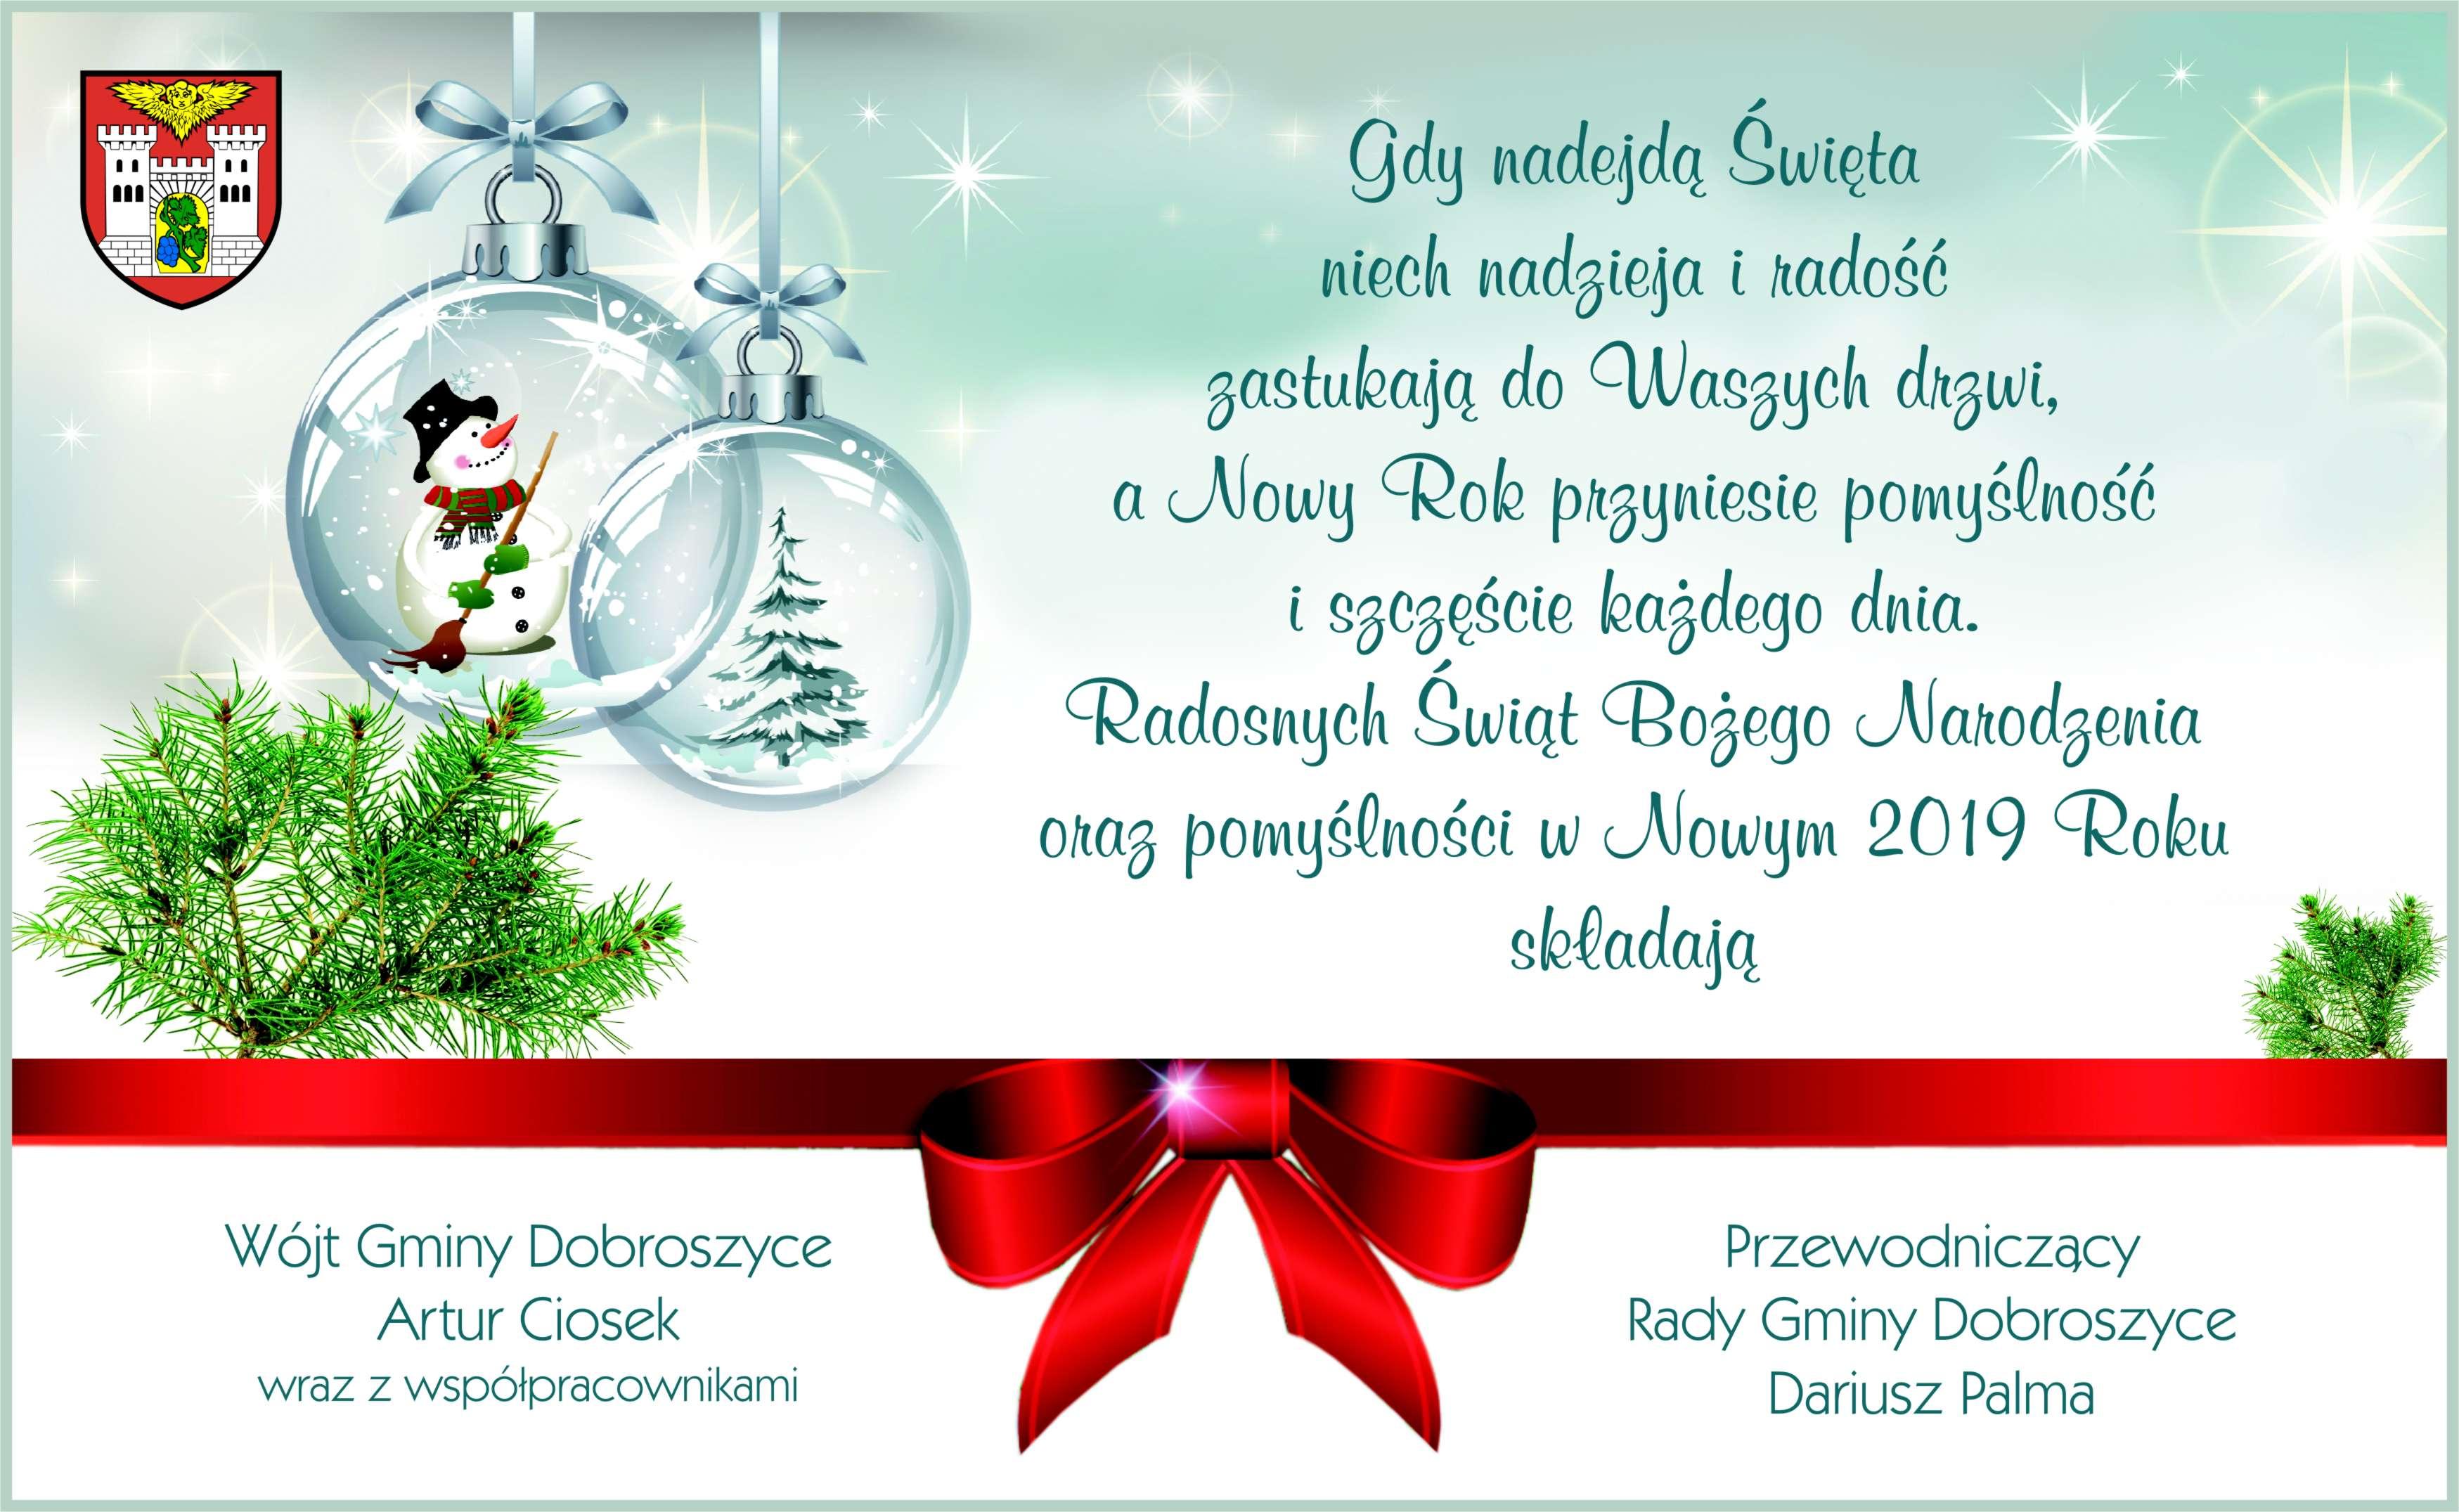 Drodzy Mieszkańcy Gminy Dobroszyce! Składamy Państwu najlepsze życzenia z okazji zbliżających się Świąt Bożego Narodzenia Artur Ciosek Wójt Gminy Dobroszyce i Dariusz Palma Przewodniczący Rady Gminy Dobroszyce